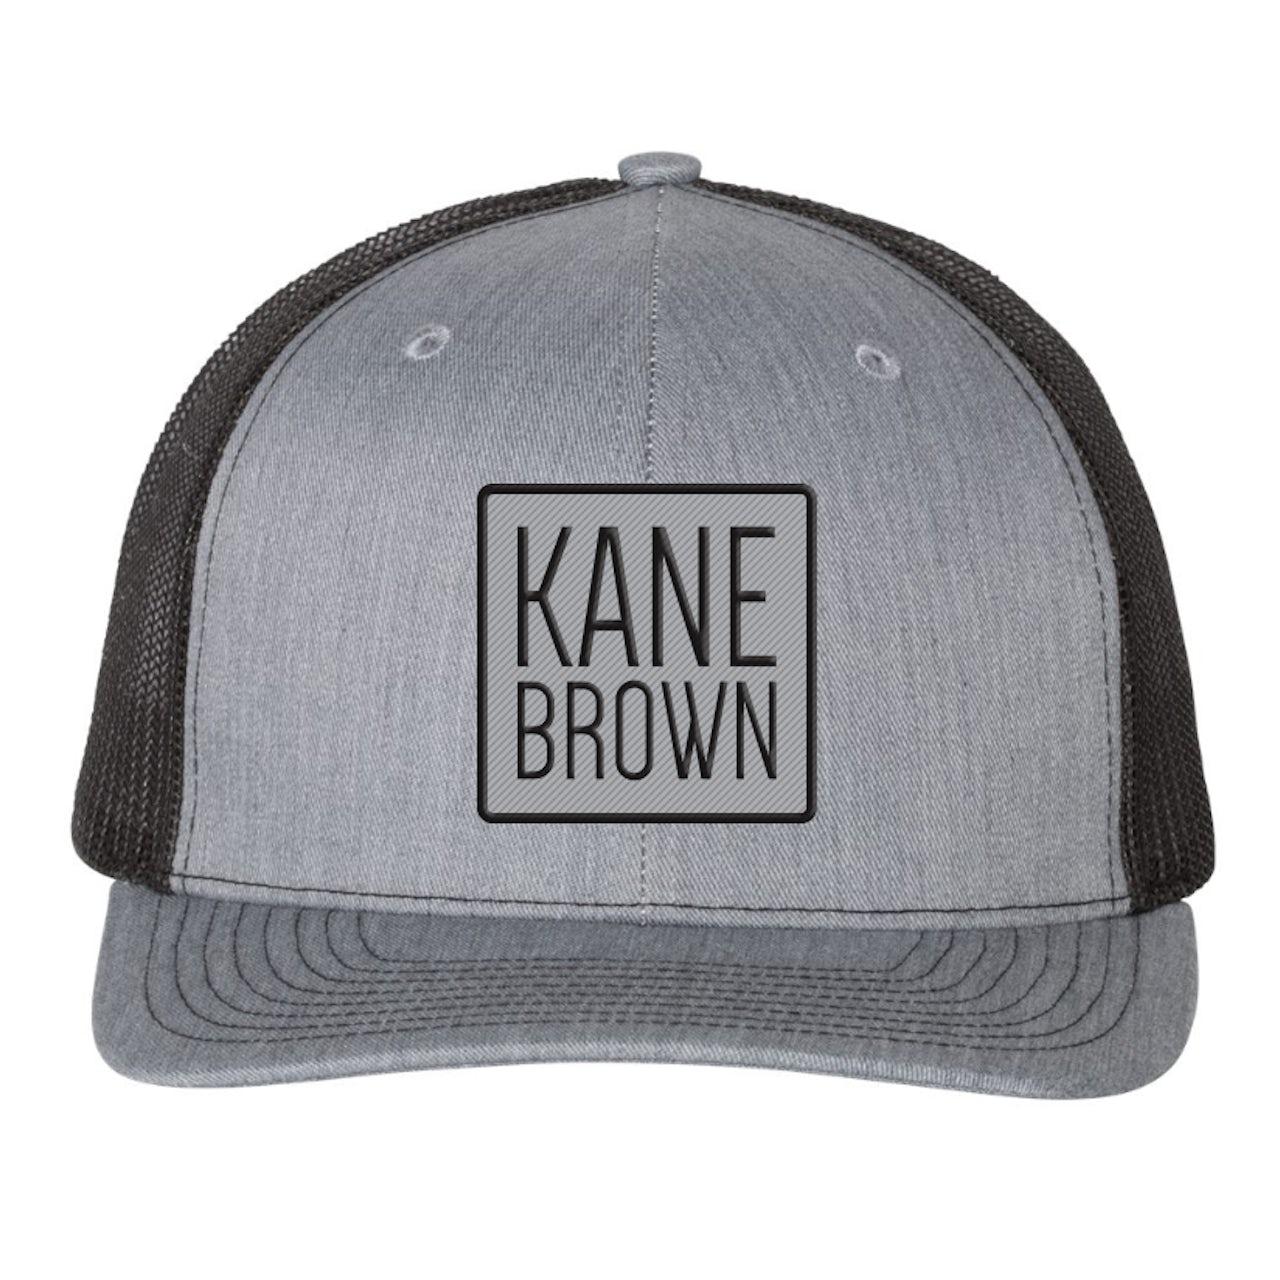 6976429f53634 Kane Brown Grey Black Hat